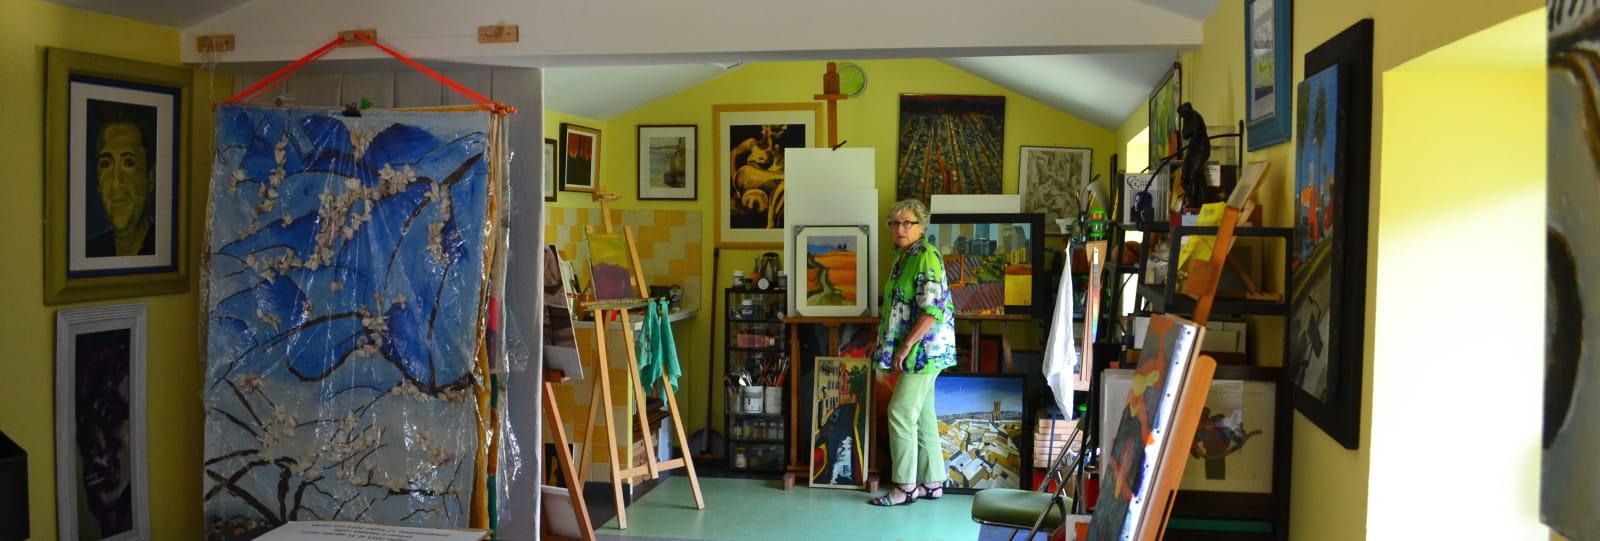 Atelier La Casa